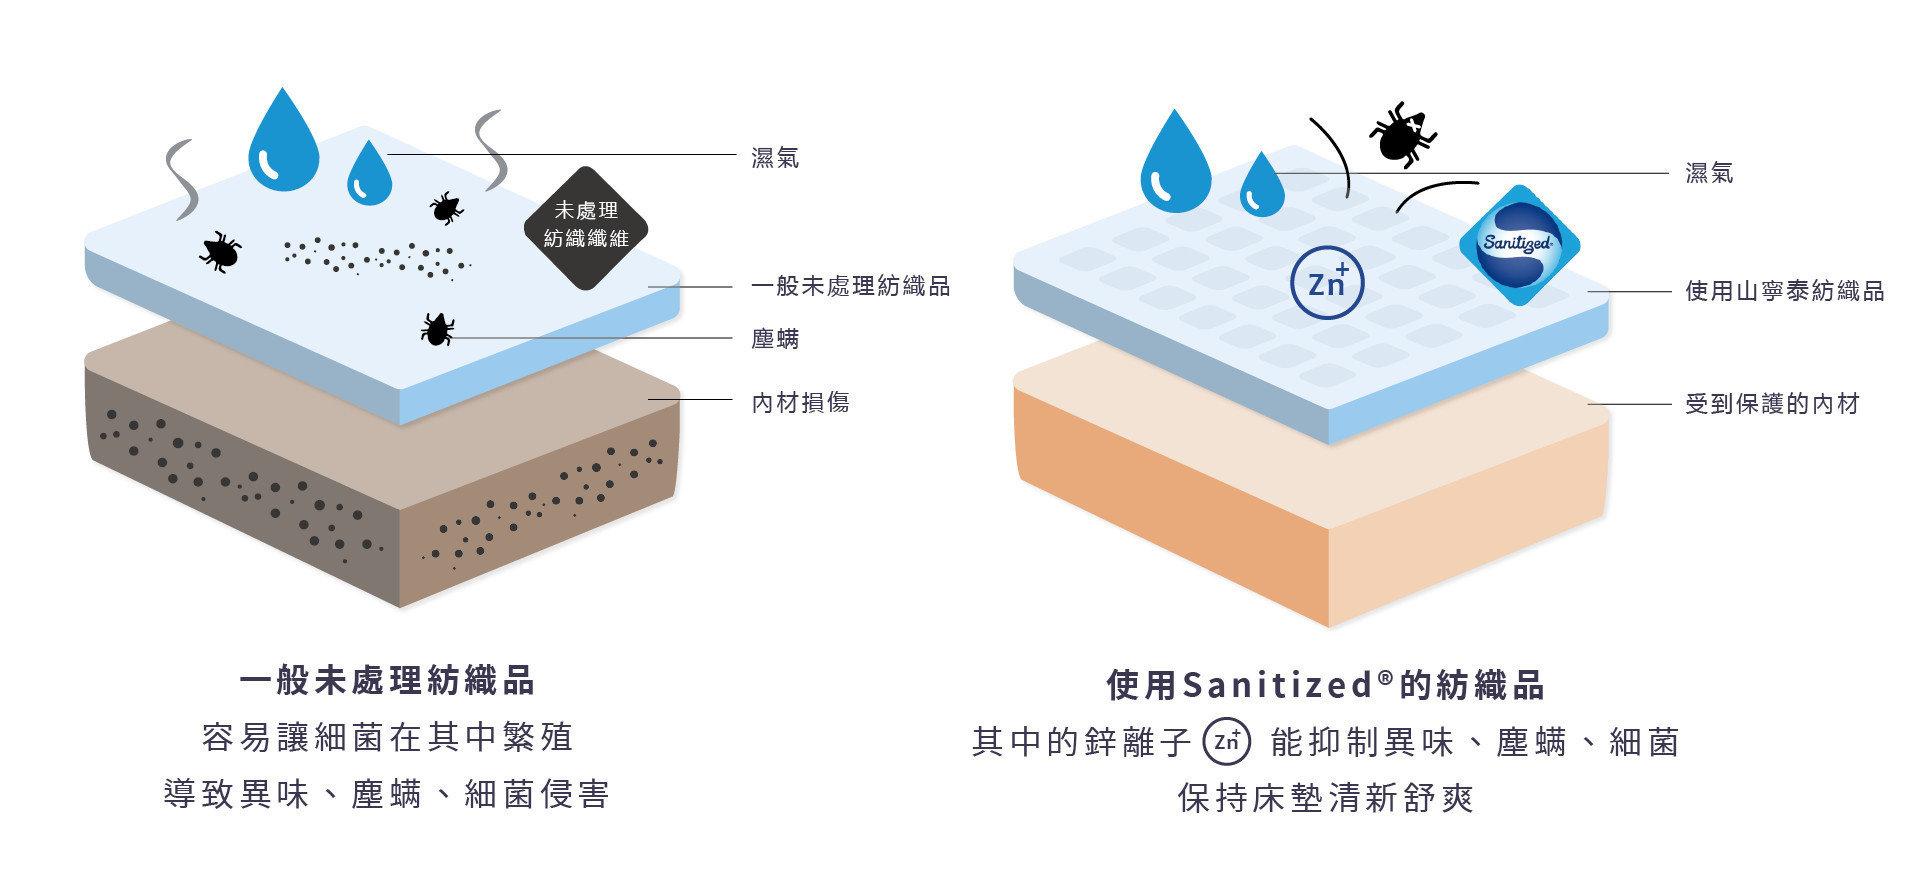 山寧泰 Sanitized獨特抗菌技術,加入微量鋅離子,能夠有效防蟎抗菌,並有防霉及抑臭功能